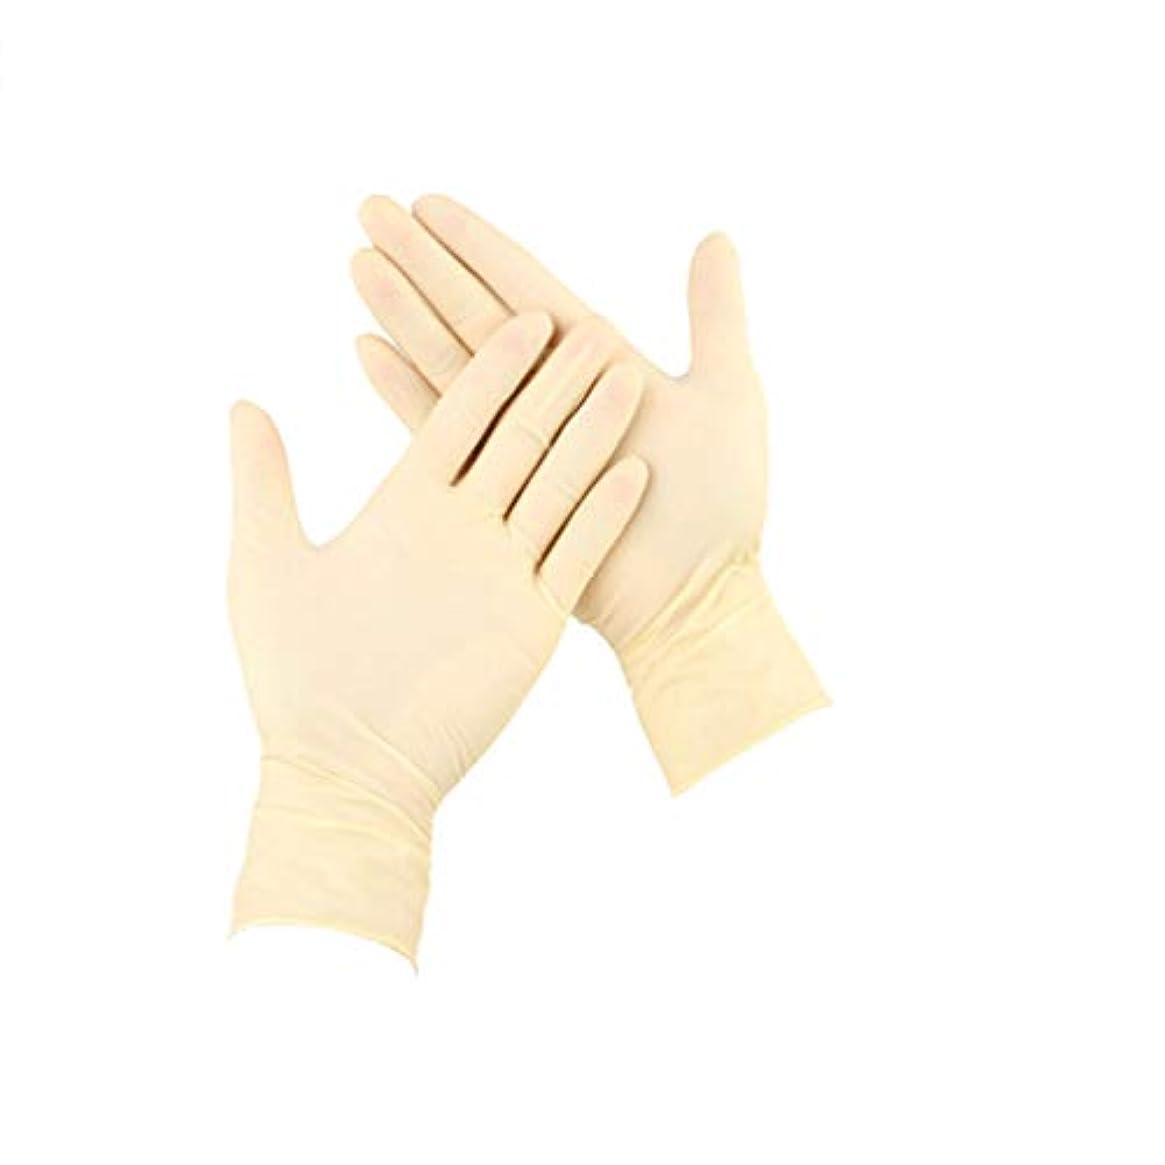 おばさん湿地ビーズグローブ使い捨てラテックス手袋ゴム保護手袋は、静電気防止キッチンケータリングクリームイエローラテックス100個をチェックする (サイズ さいず : S s)